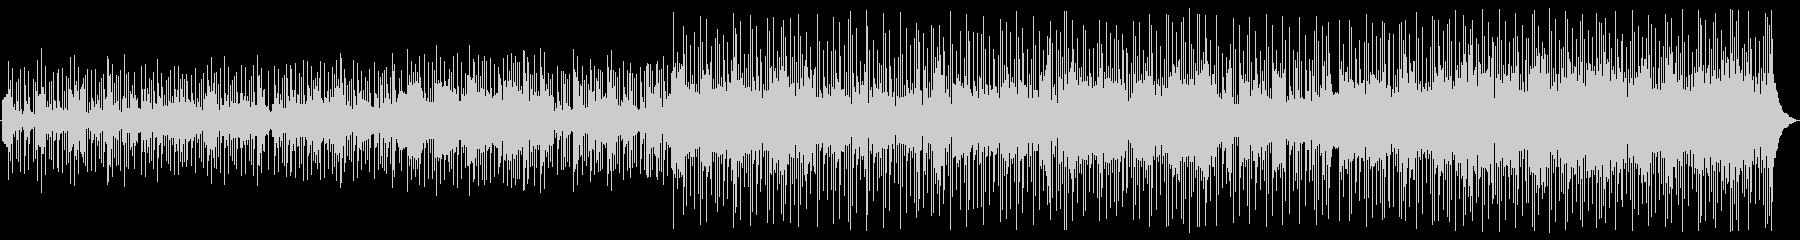 フィドル、マンドリン、ピアノ、ギタ...の未再生の波形